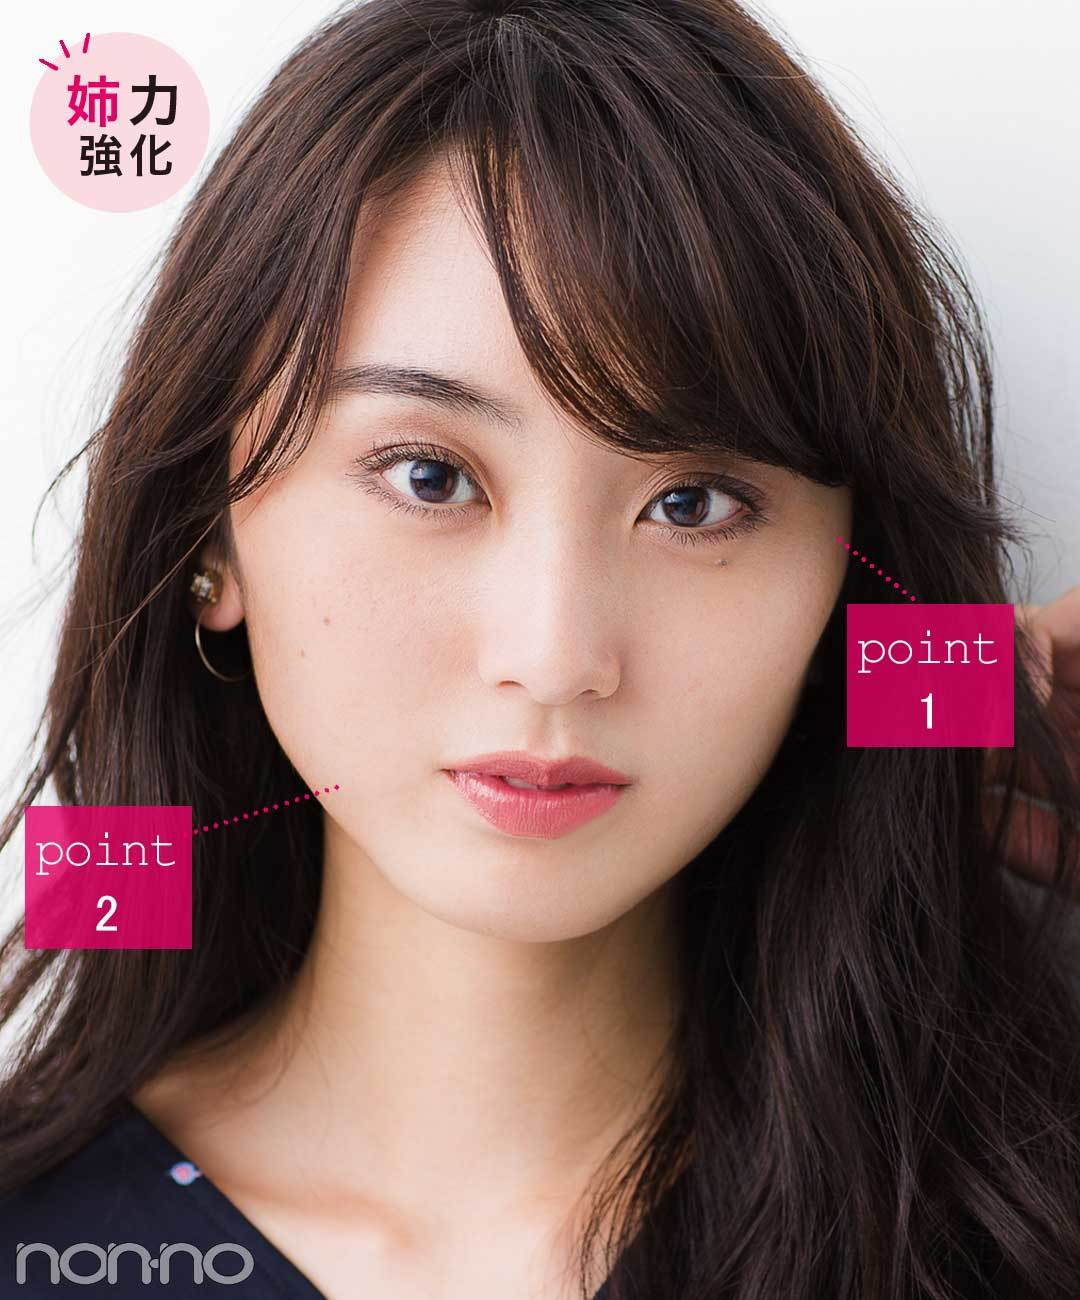 顔立ち別でモテメイクは変わる! 姉っぽ顔の正解メイク、教えます_1_5-1